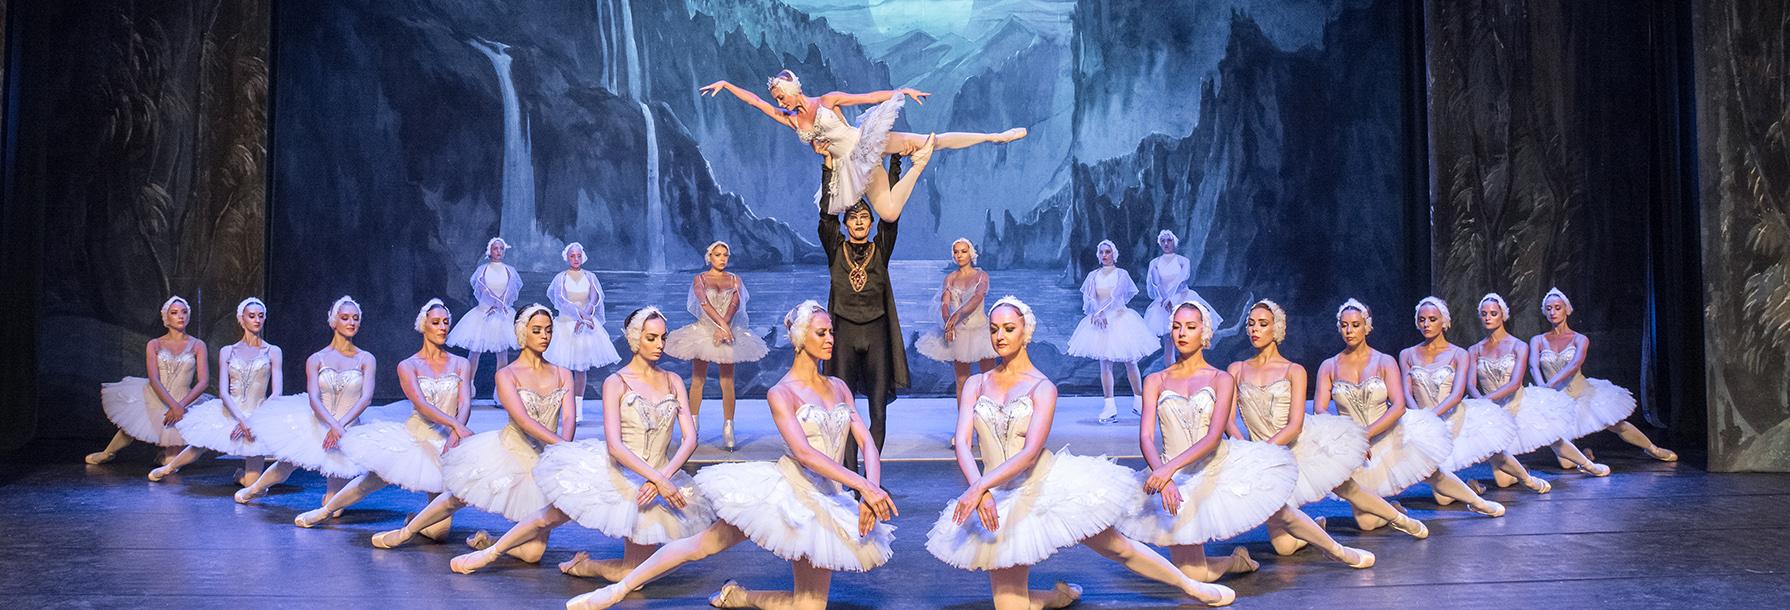 冰舞芭蕾《天鹅湖》